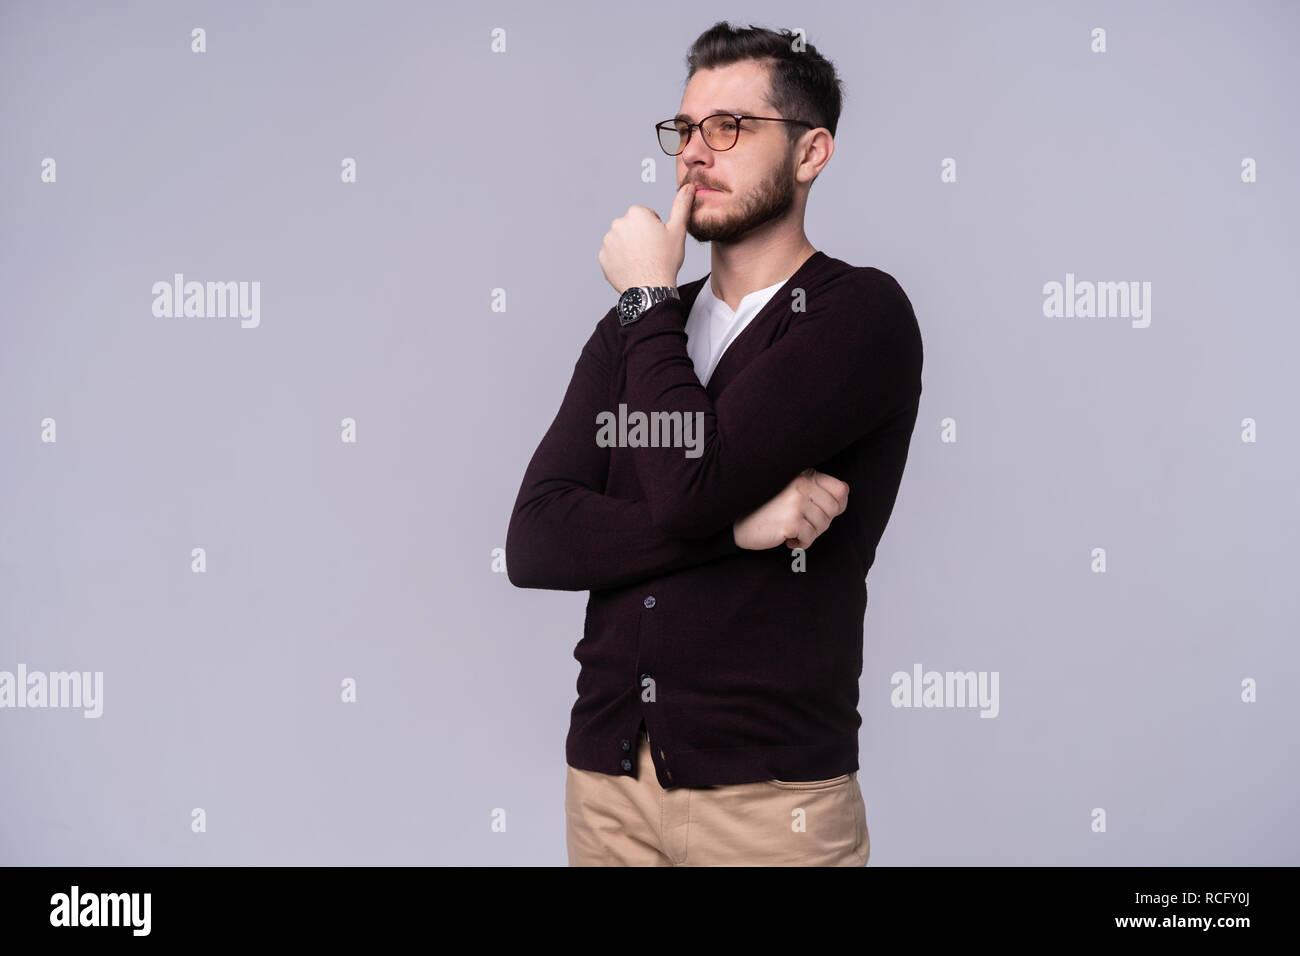 Giovane uomo bello pensare su sfondo grigio. Immagini Stock